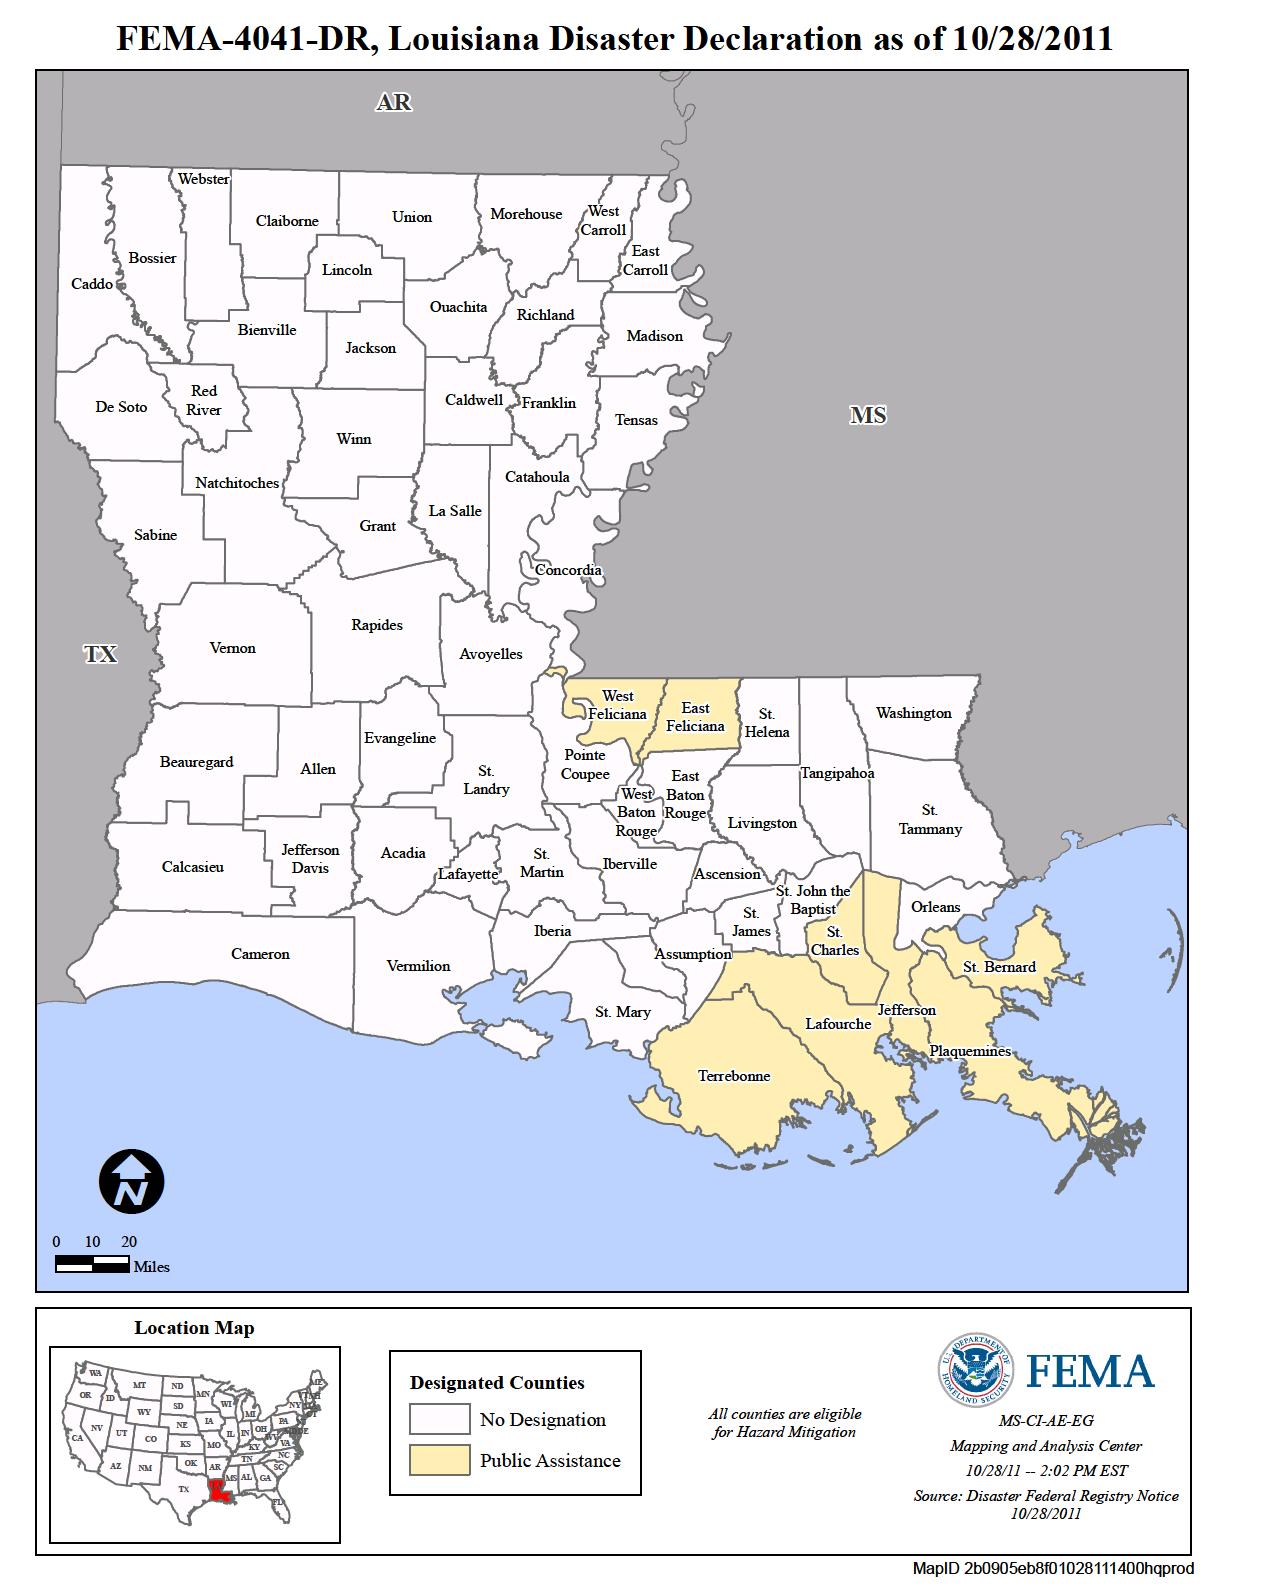 Louisiana Tropical Storm Lee DR4041 FEMAgov